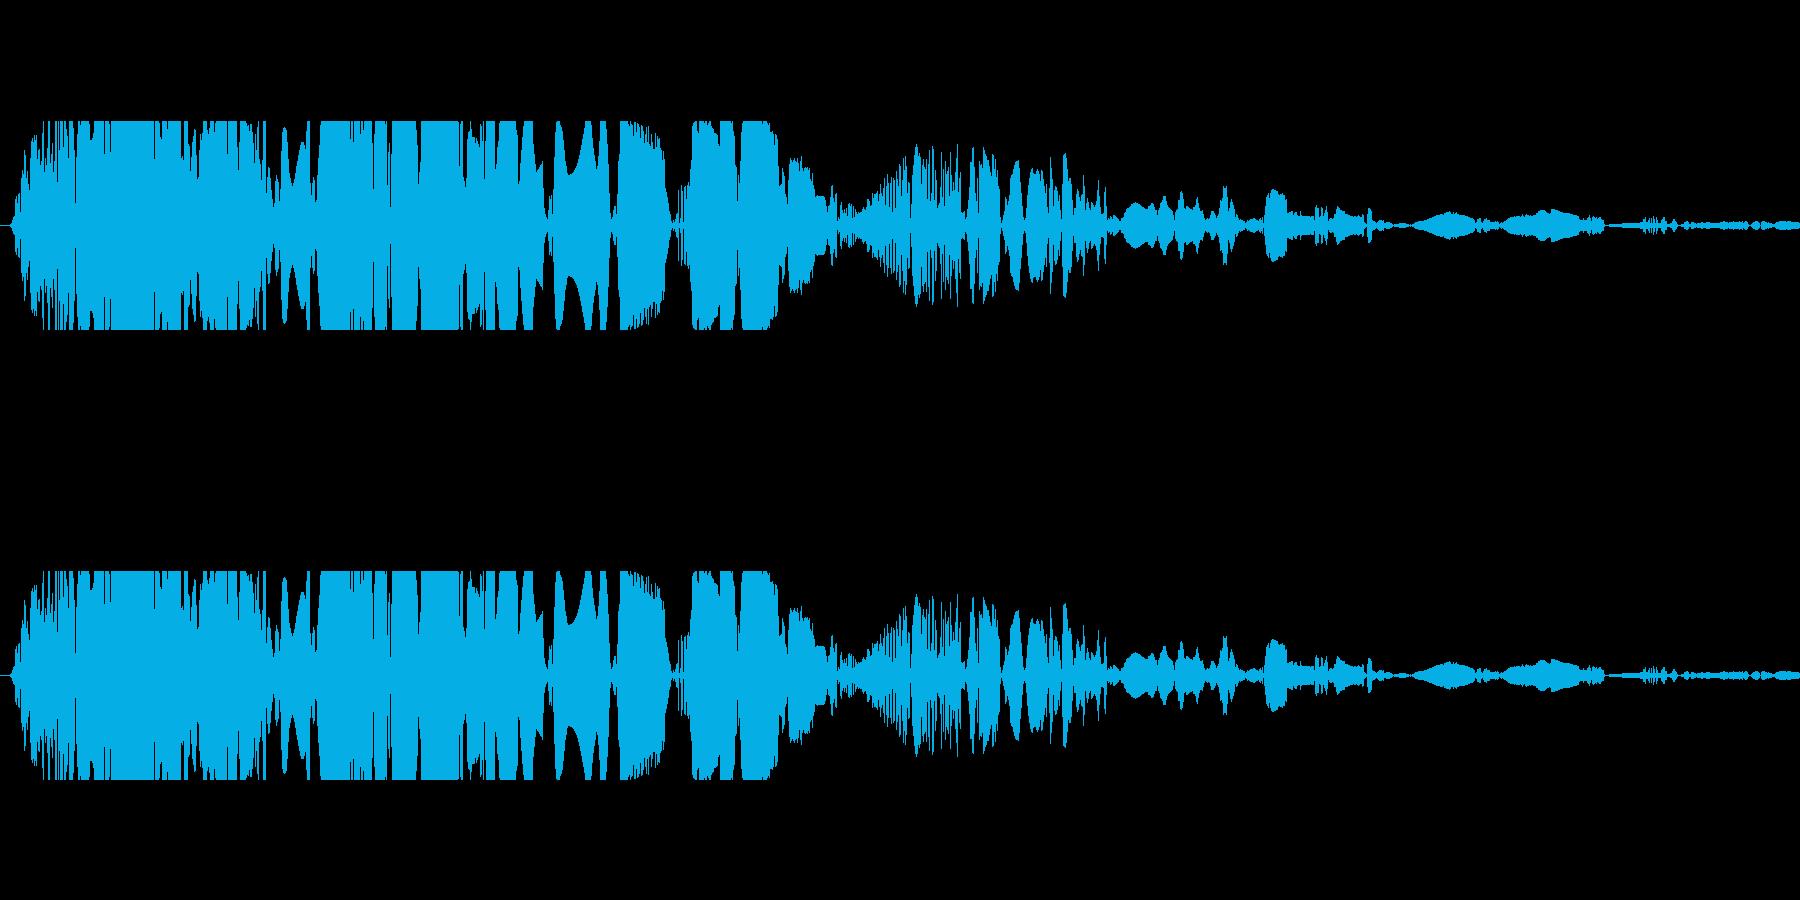 ドサッ(落下や倒れる衝撃音)07の再生済みの波形